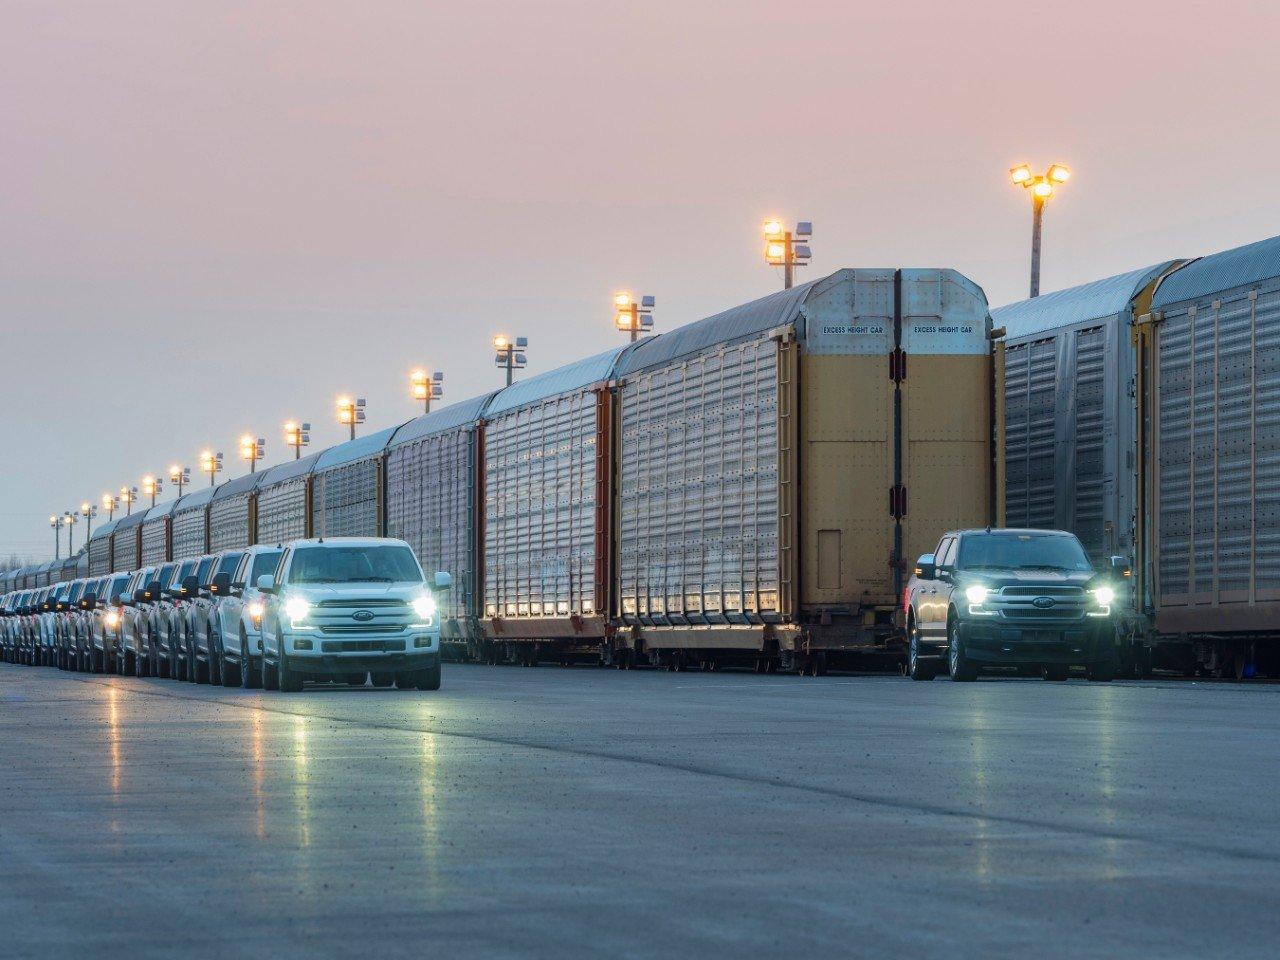 Посмотрите, как прототип электрического Ford F-150 буксирует груженый поезд (ВИДЕО)